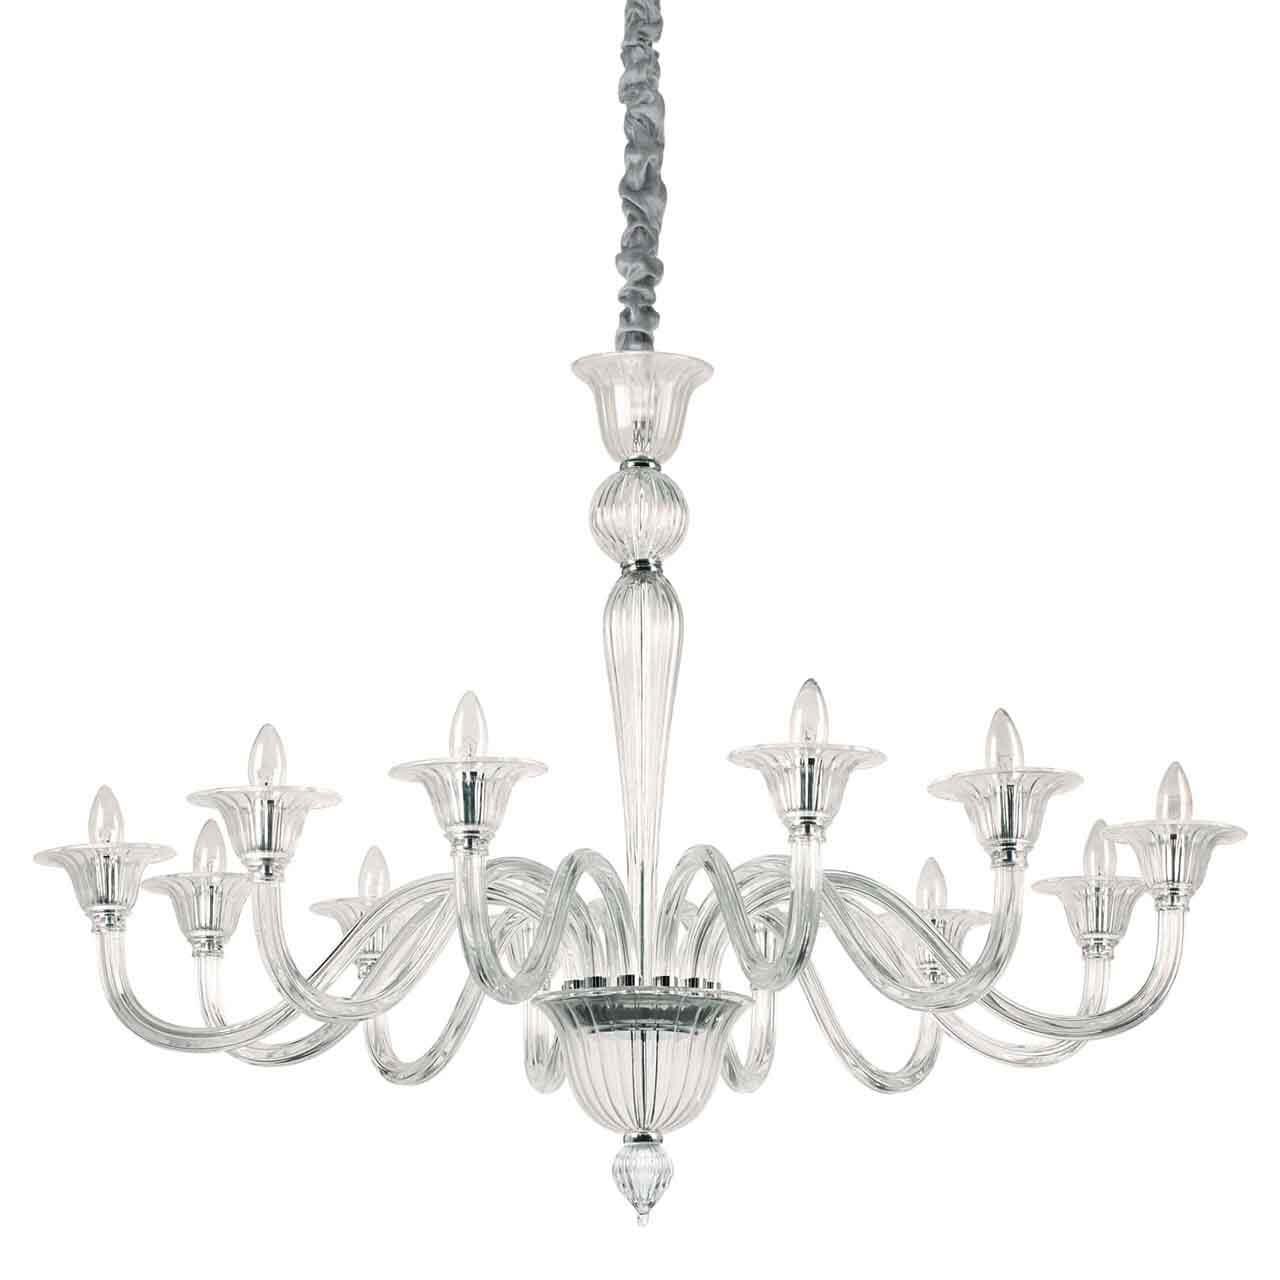 Подвесная люстра Ideal Lux Brigitta SP12 Trasparente ideal lux подвесная люстра colossal sp15 trasparente